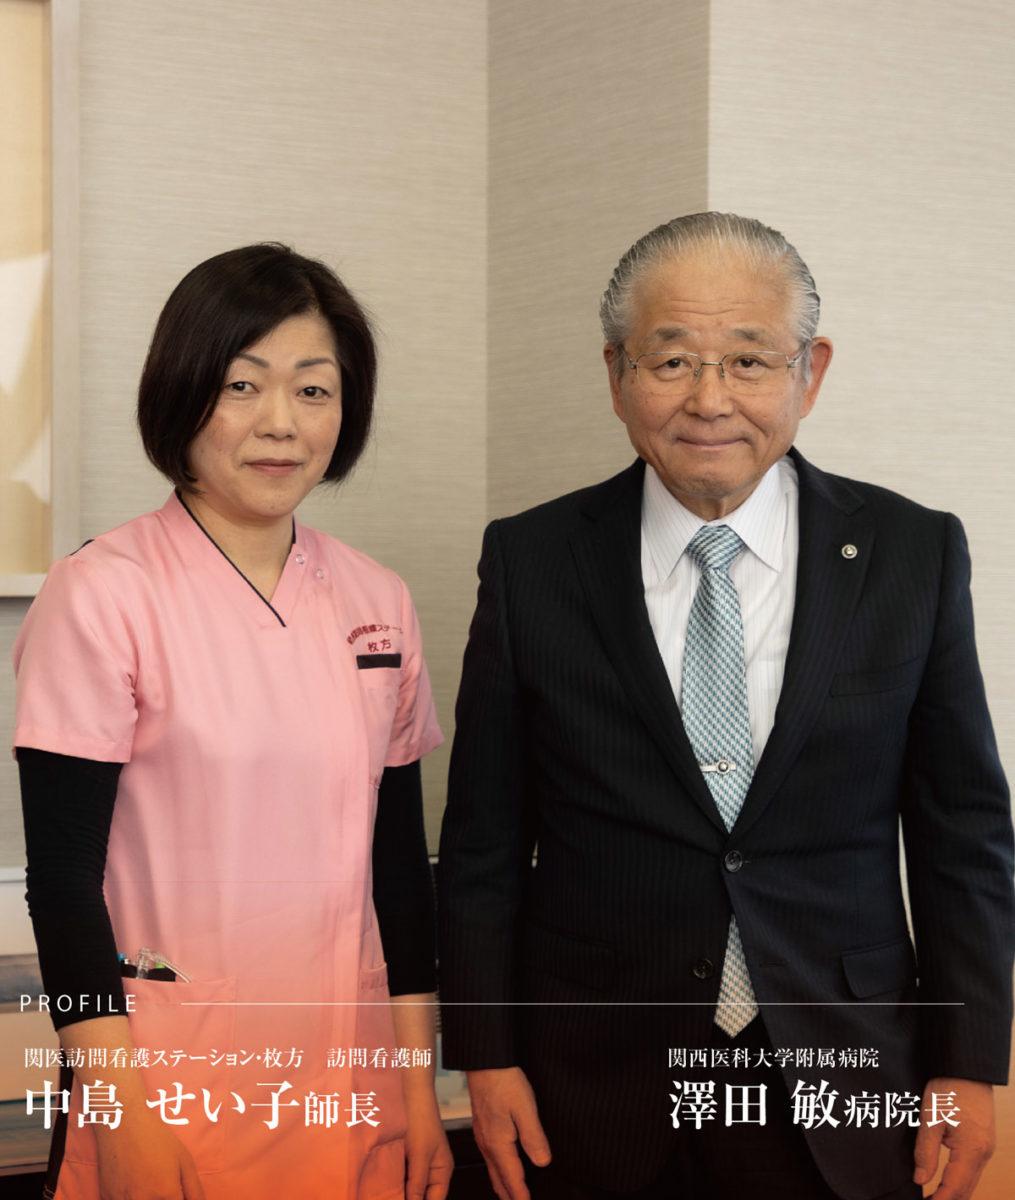 関西医科大学附属病院